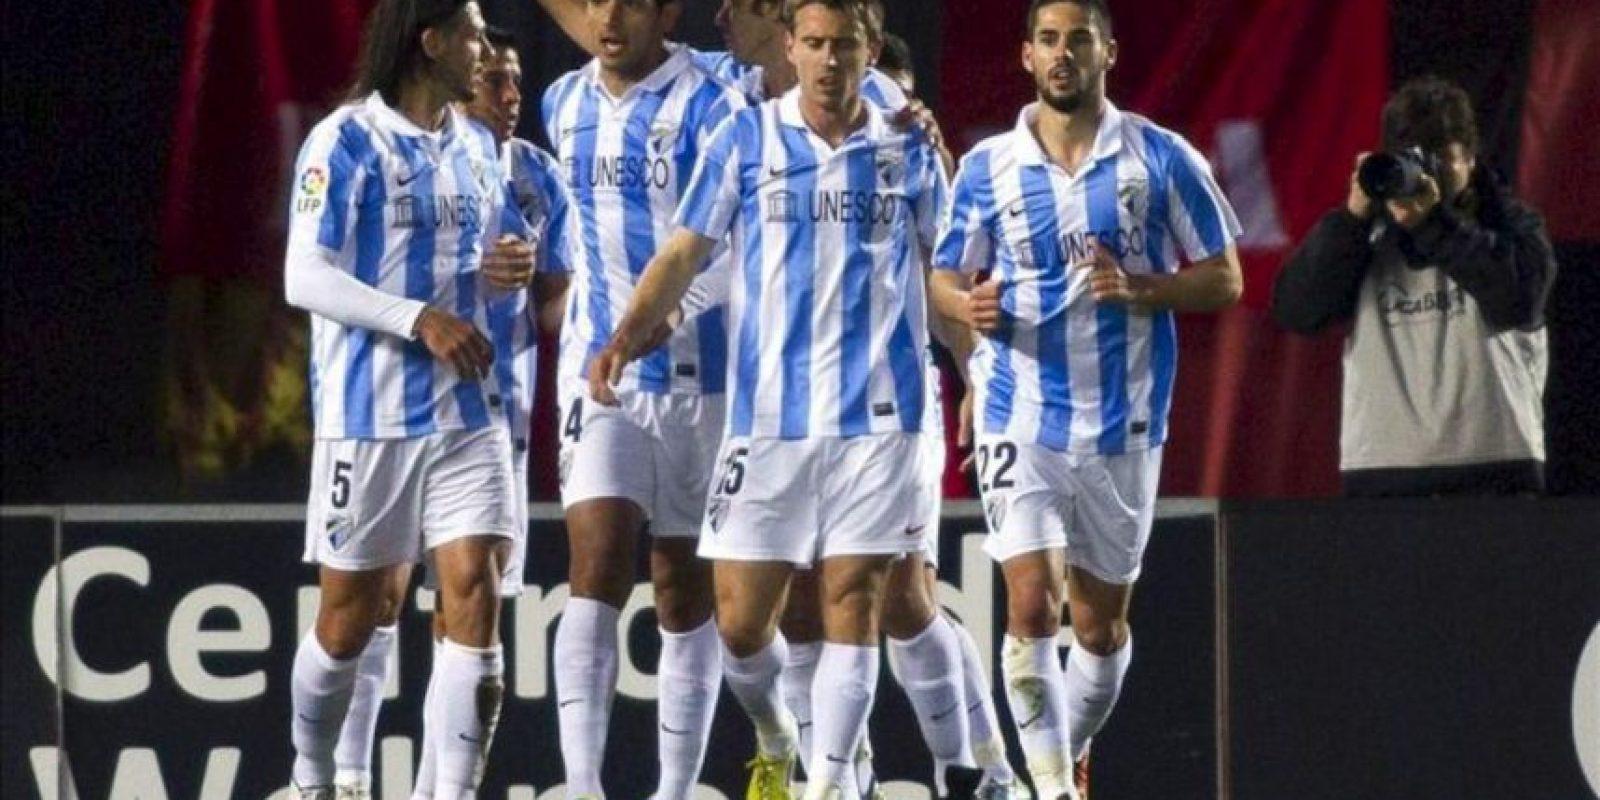 Los jugadores del Málaga CF celebran el gol conseguido por el delantero argentino Javier Saviola (2i) ante el RCD Mallorca durante el partido correspondiente a la vigésimo primera jornada de Liga de Primera División, disputado en el Estadio Iberostar, de la capital balear EFE